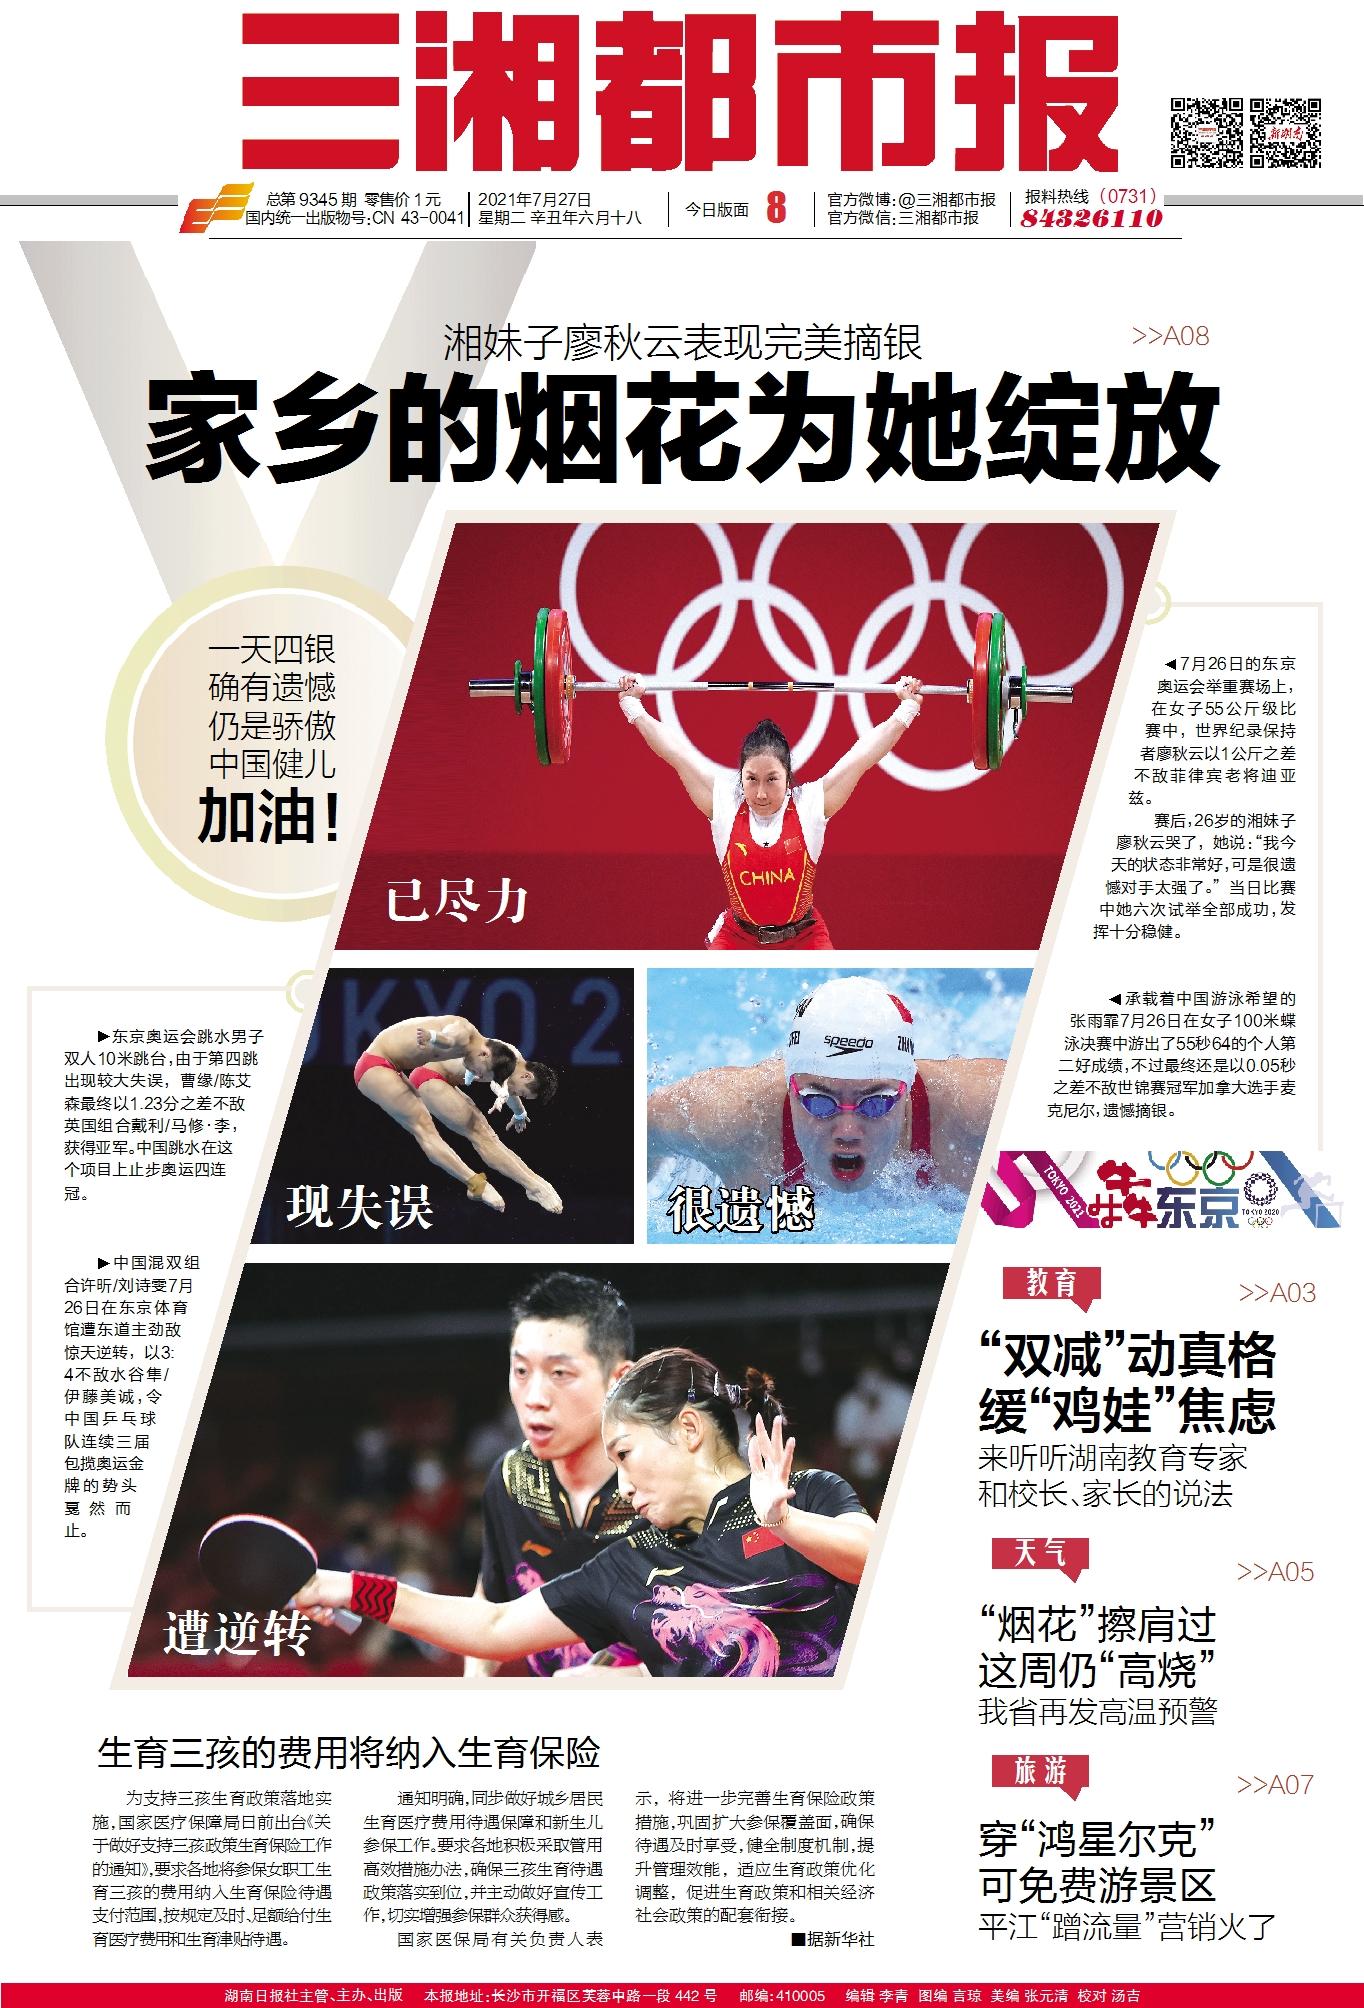 读报|湘妹子廖秋云获东京奥运银牌,家乡放烟花为她庆祝